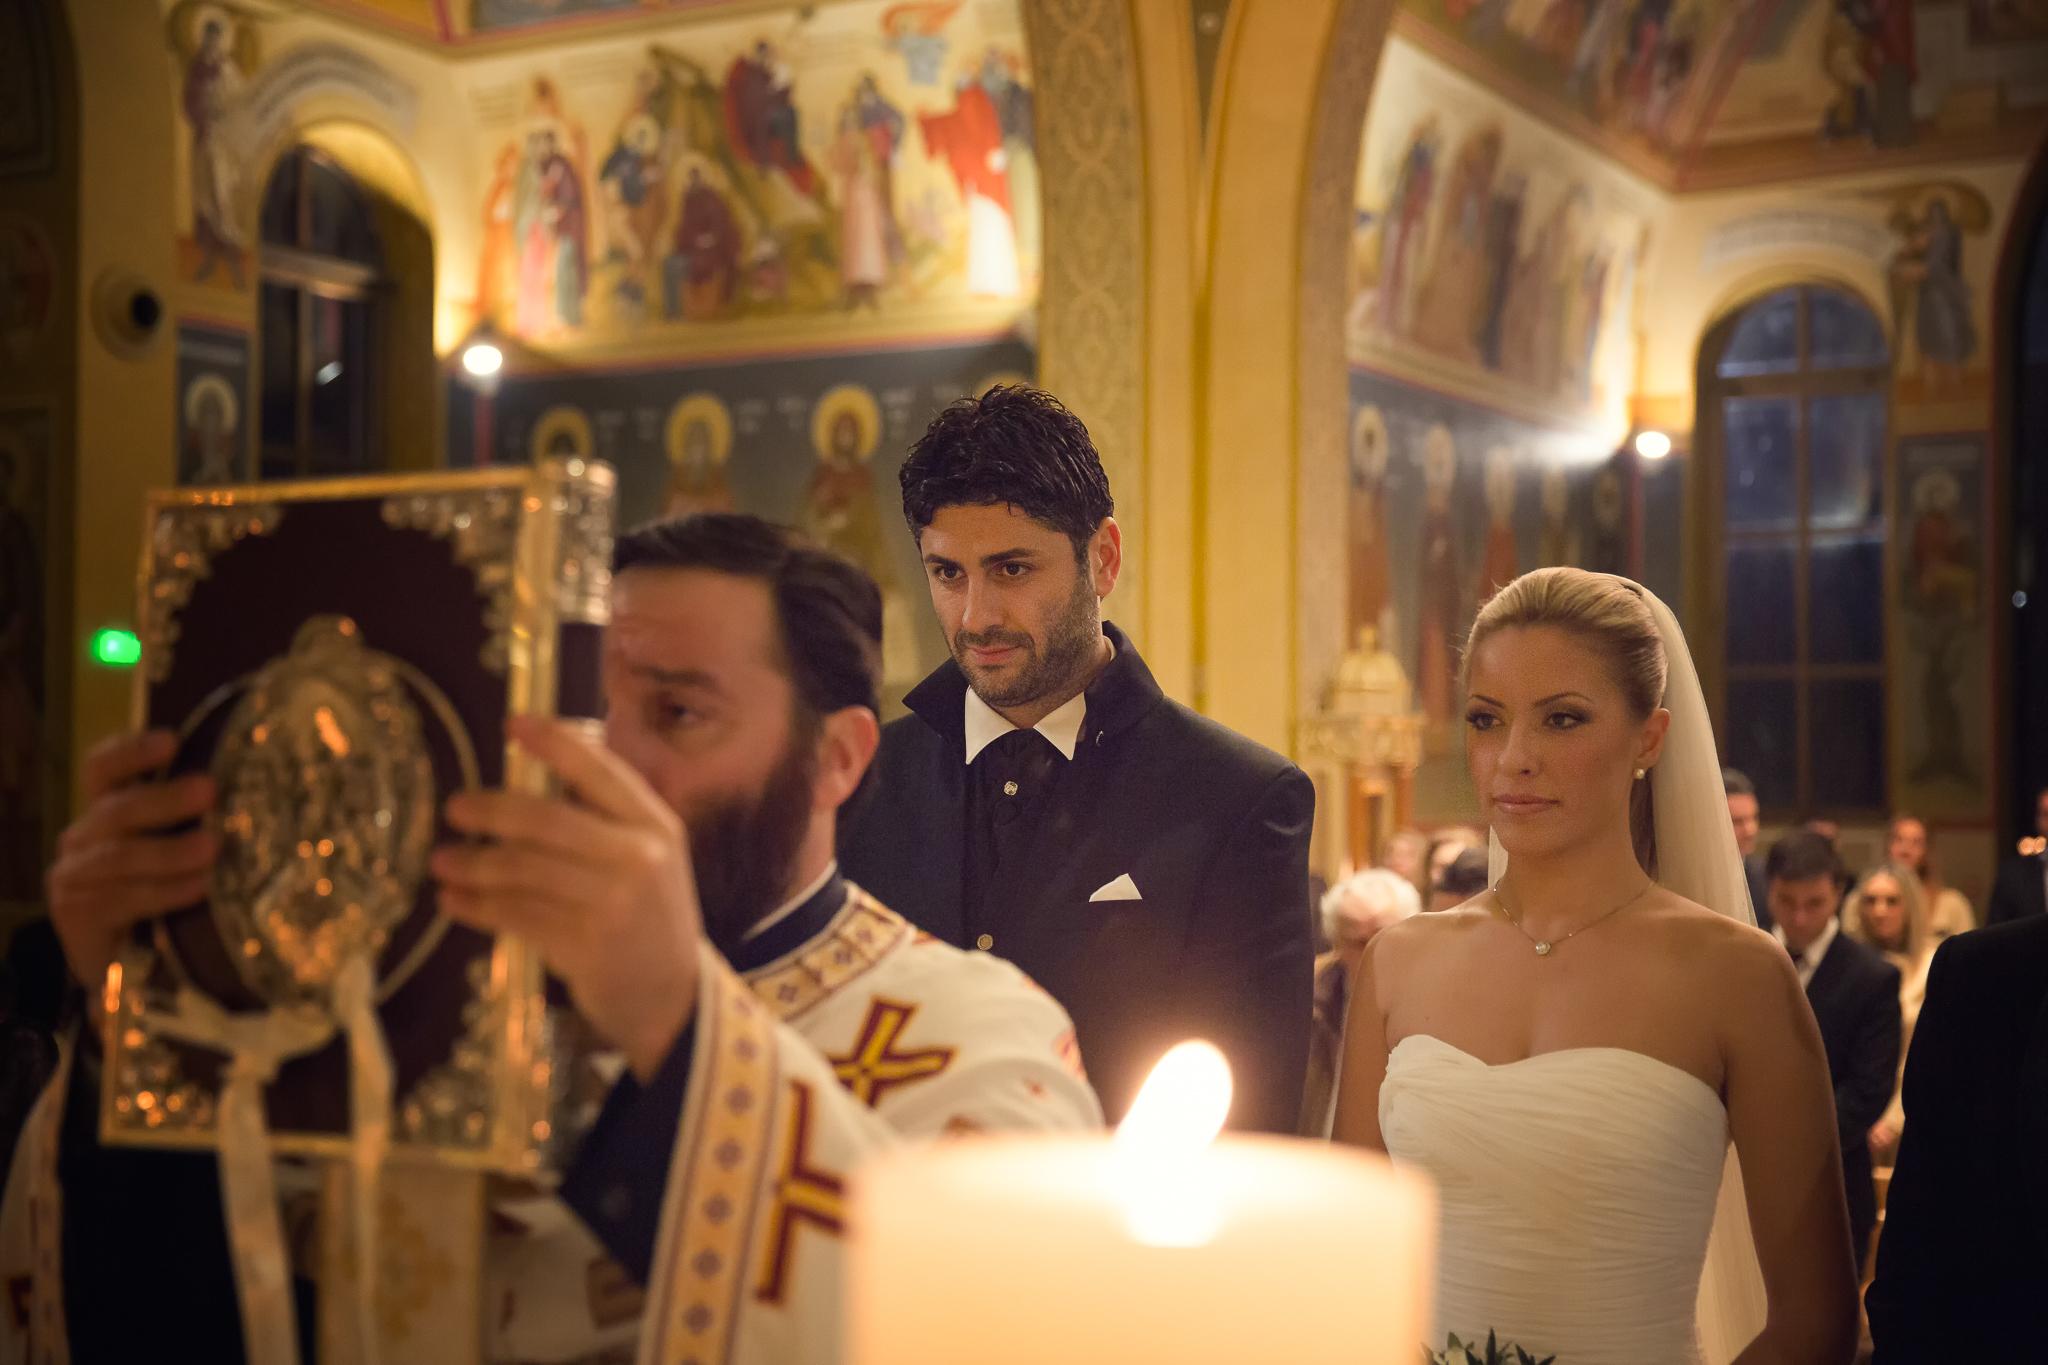 ...candlelit mass..